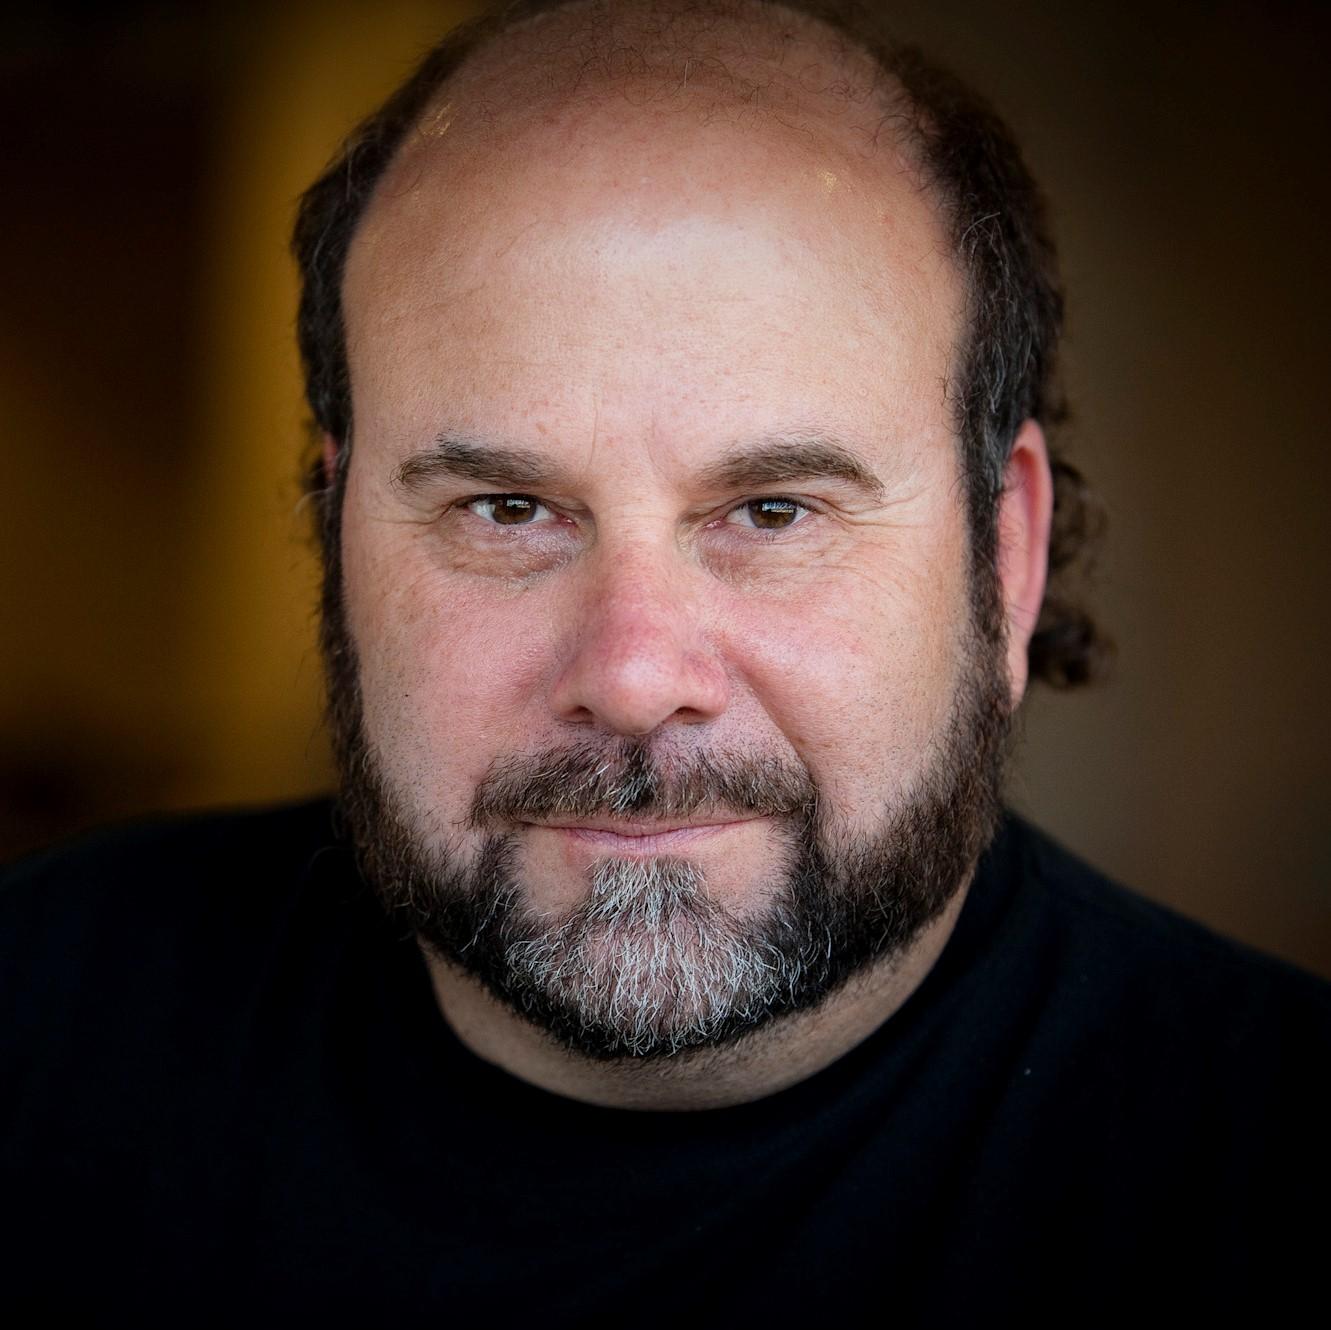 Scott Gershin